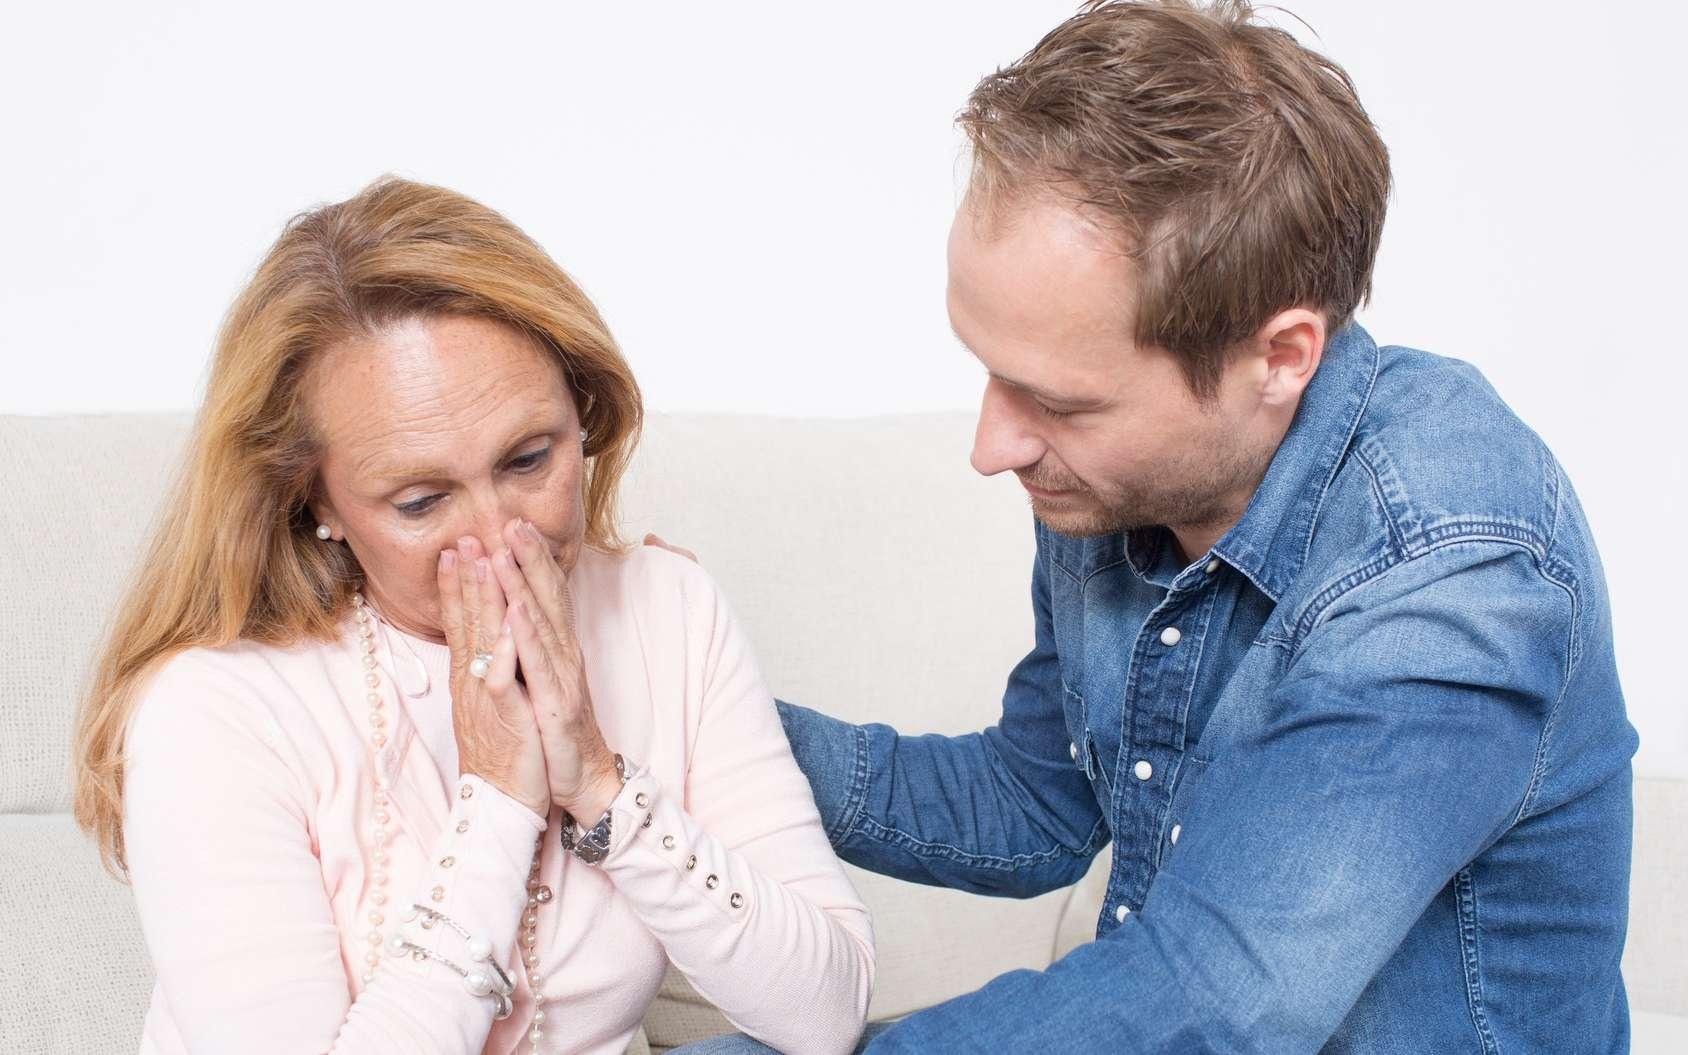 Les personnes empathiques apportent du réconfort à ceux qui souffrent. © Adam Gregor, Fotolia